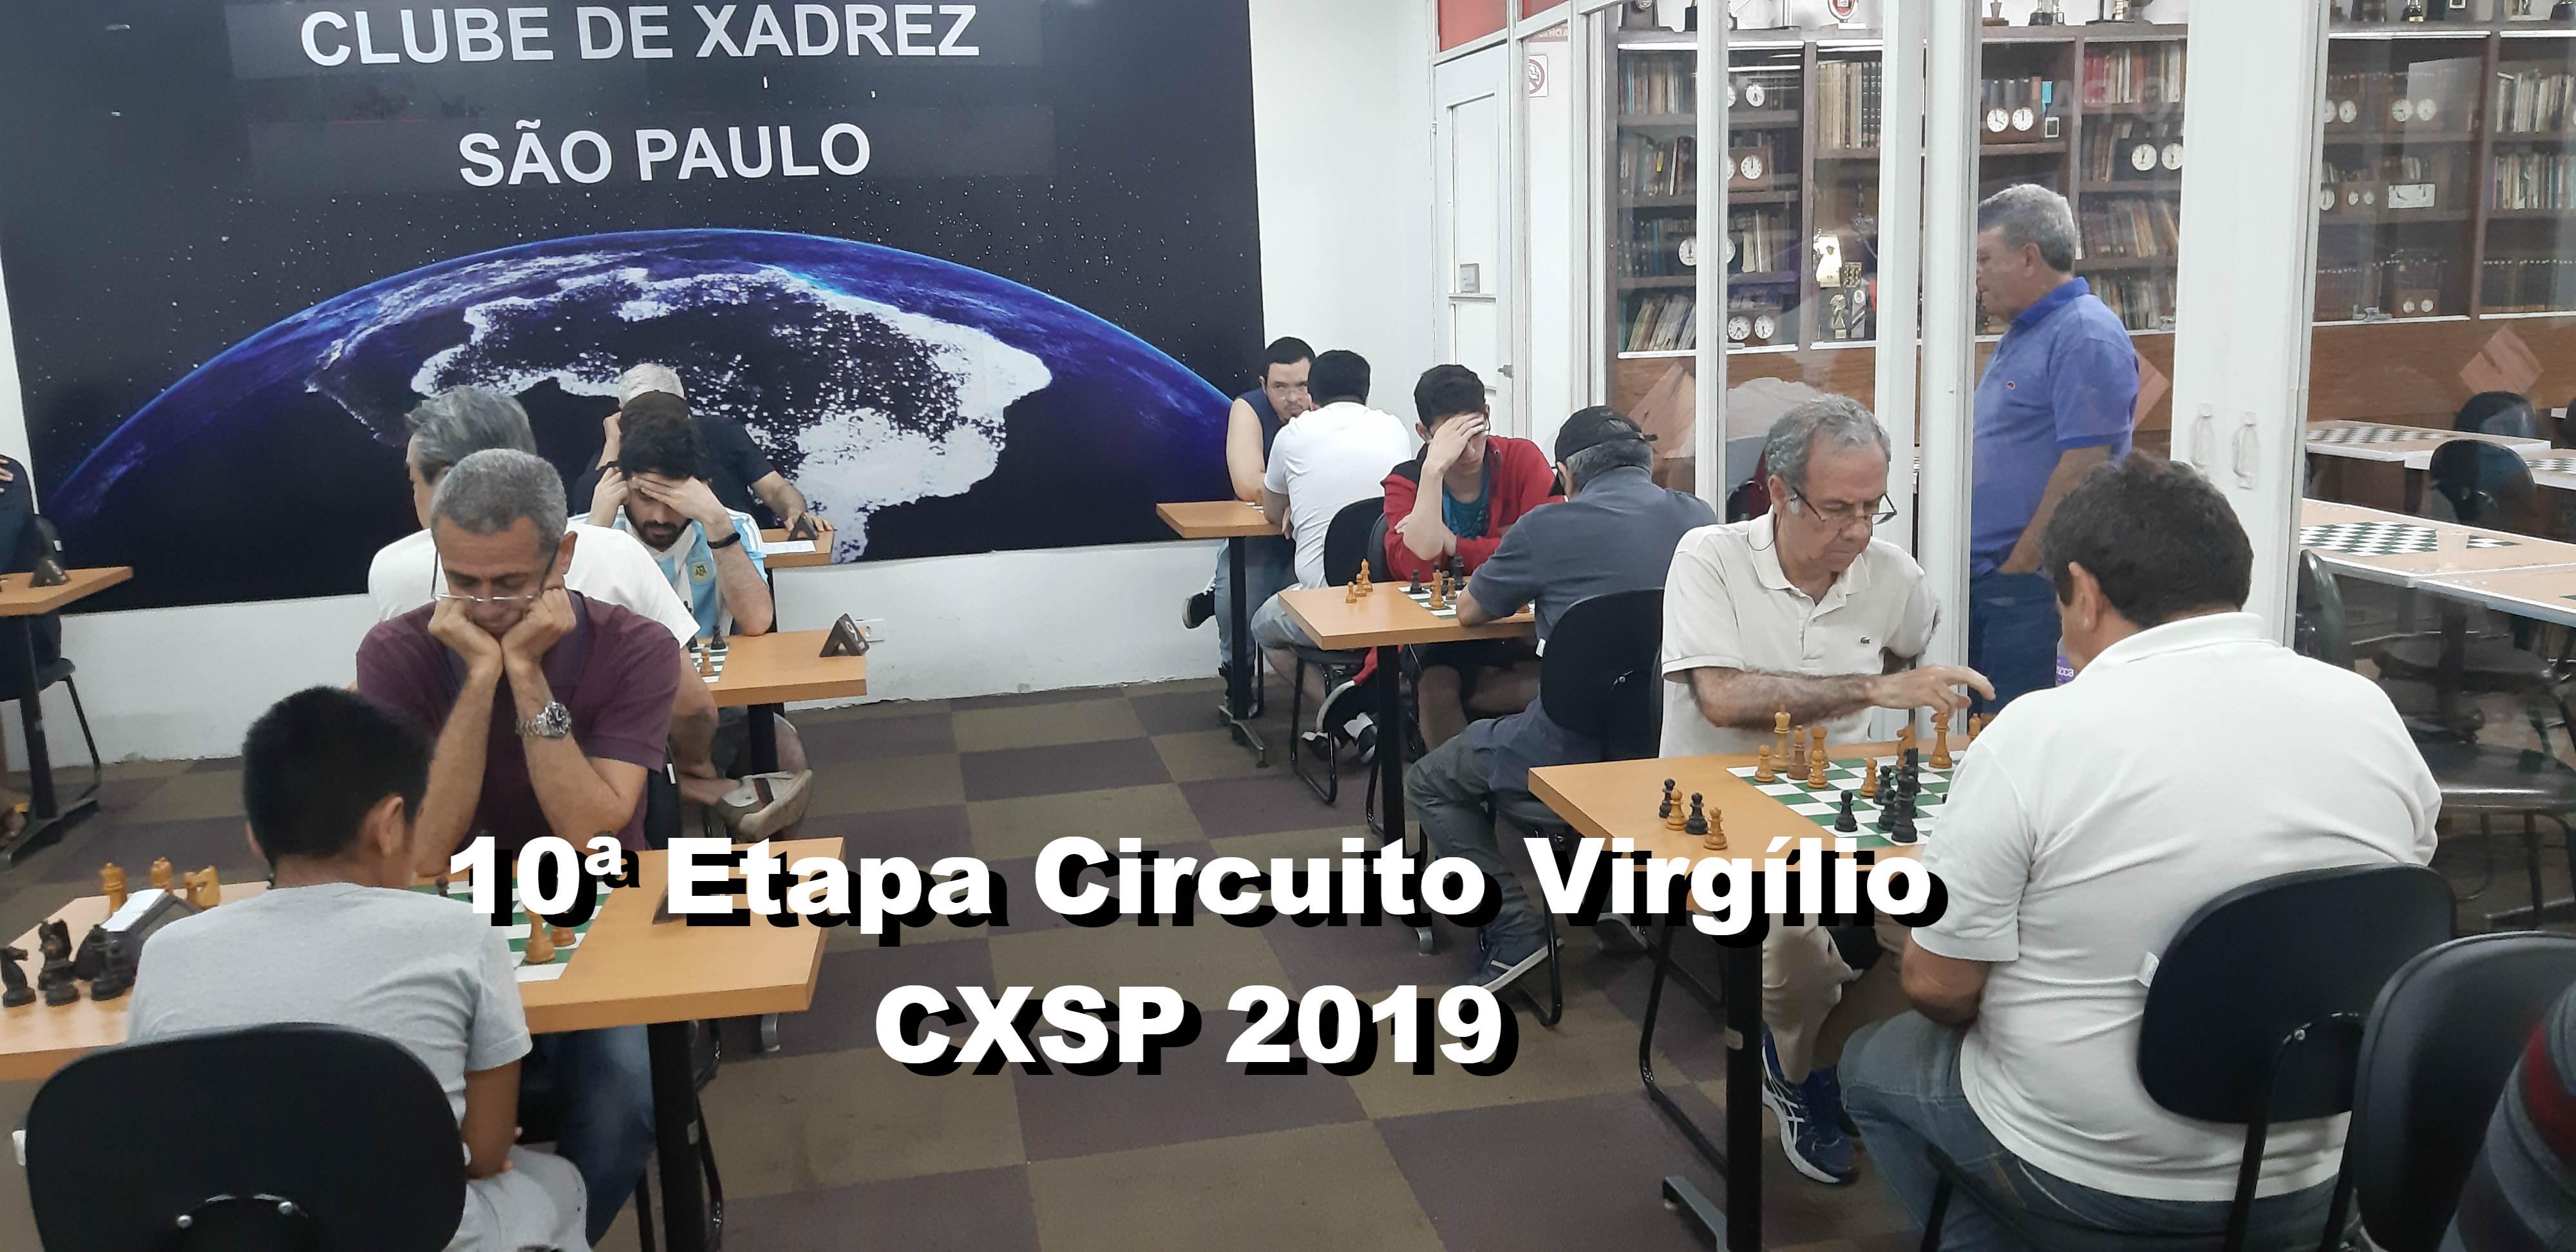 10ª Etapa Circuito Virgílio 2019 – Resultado